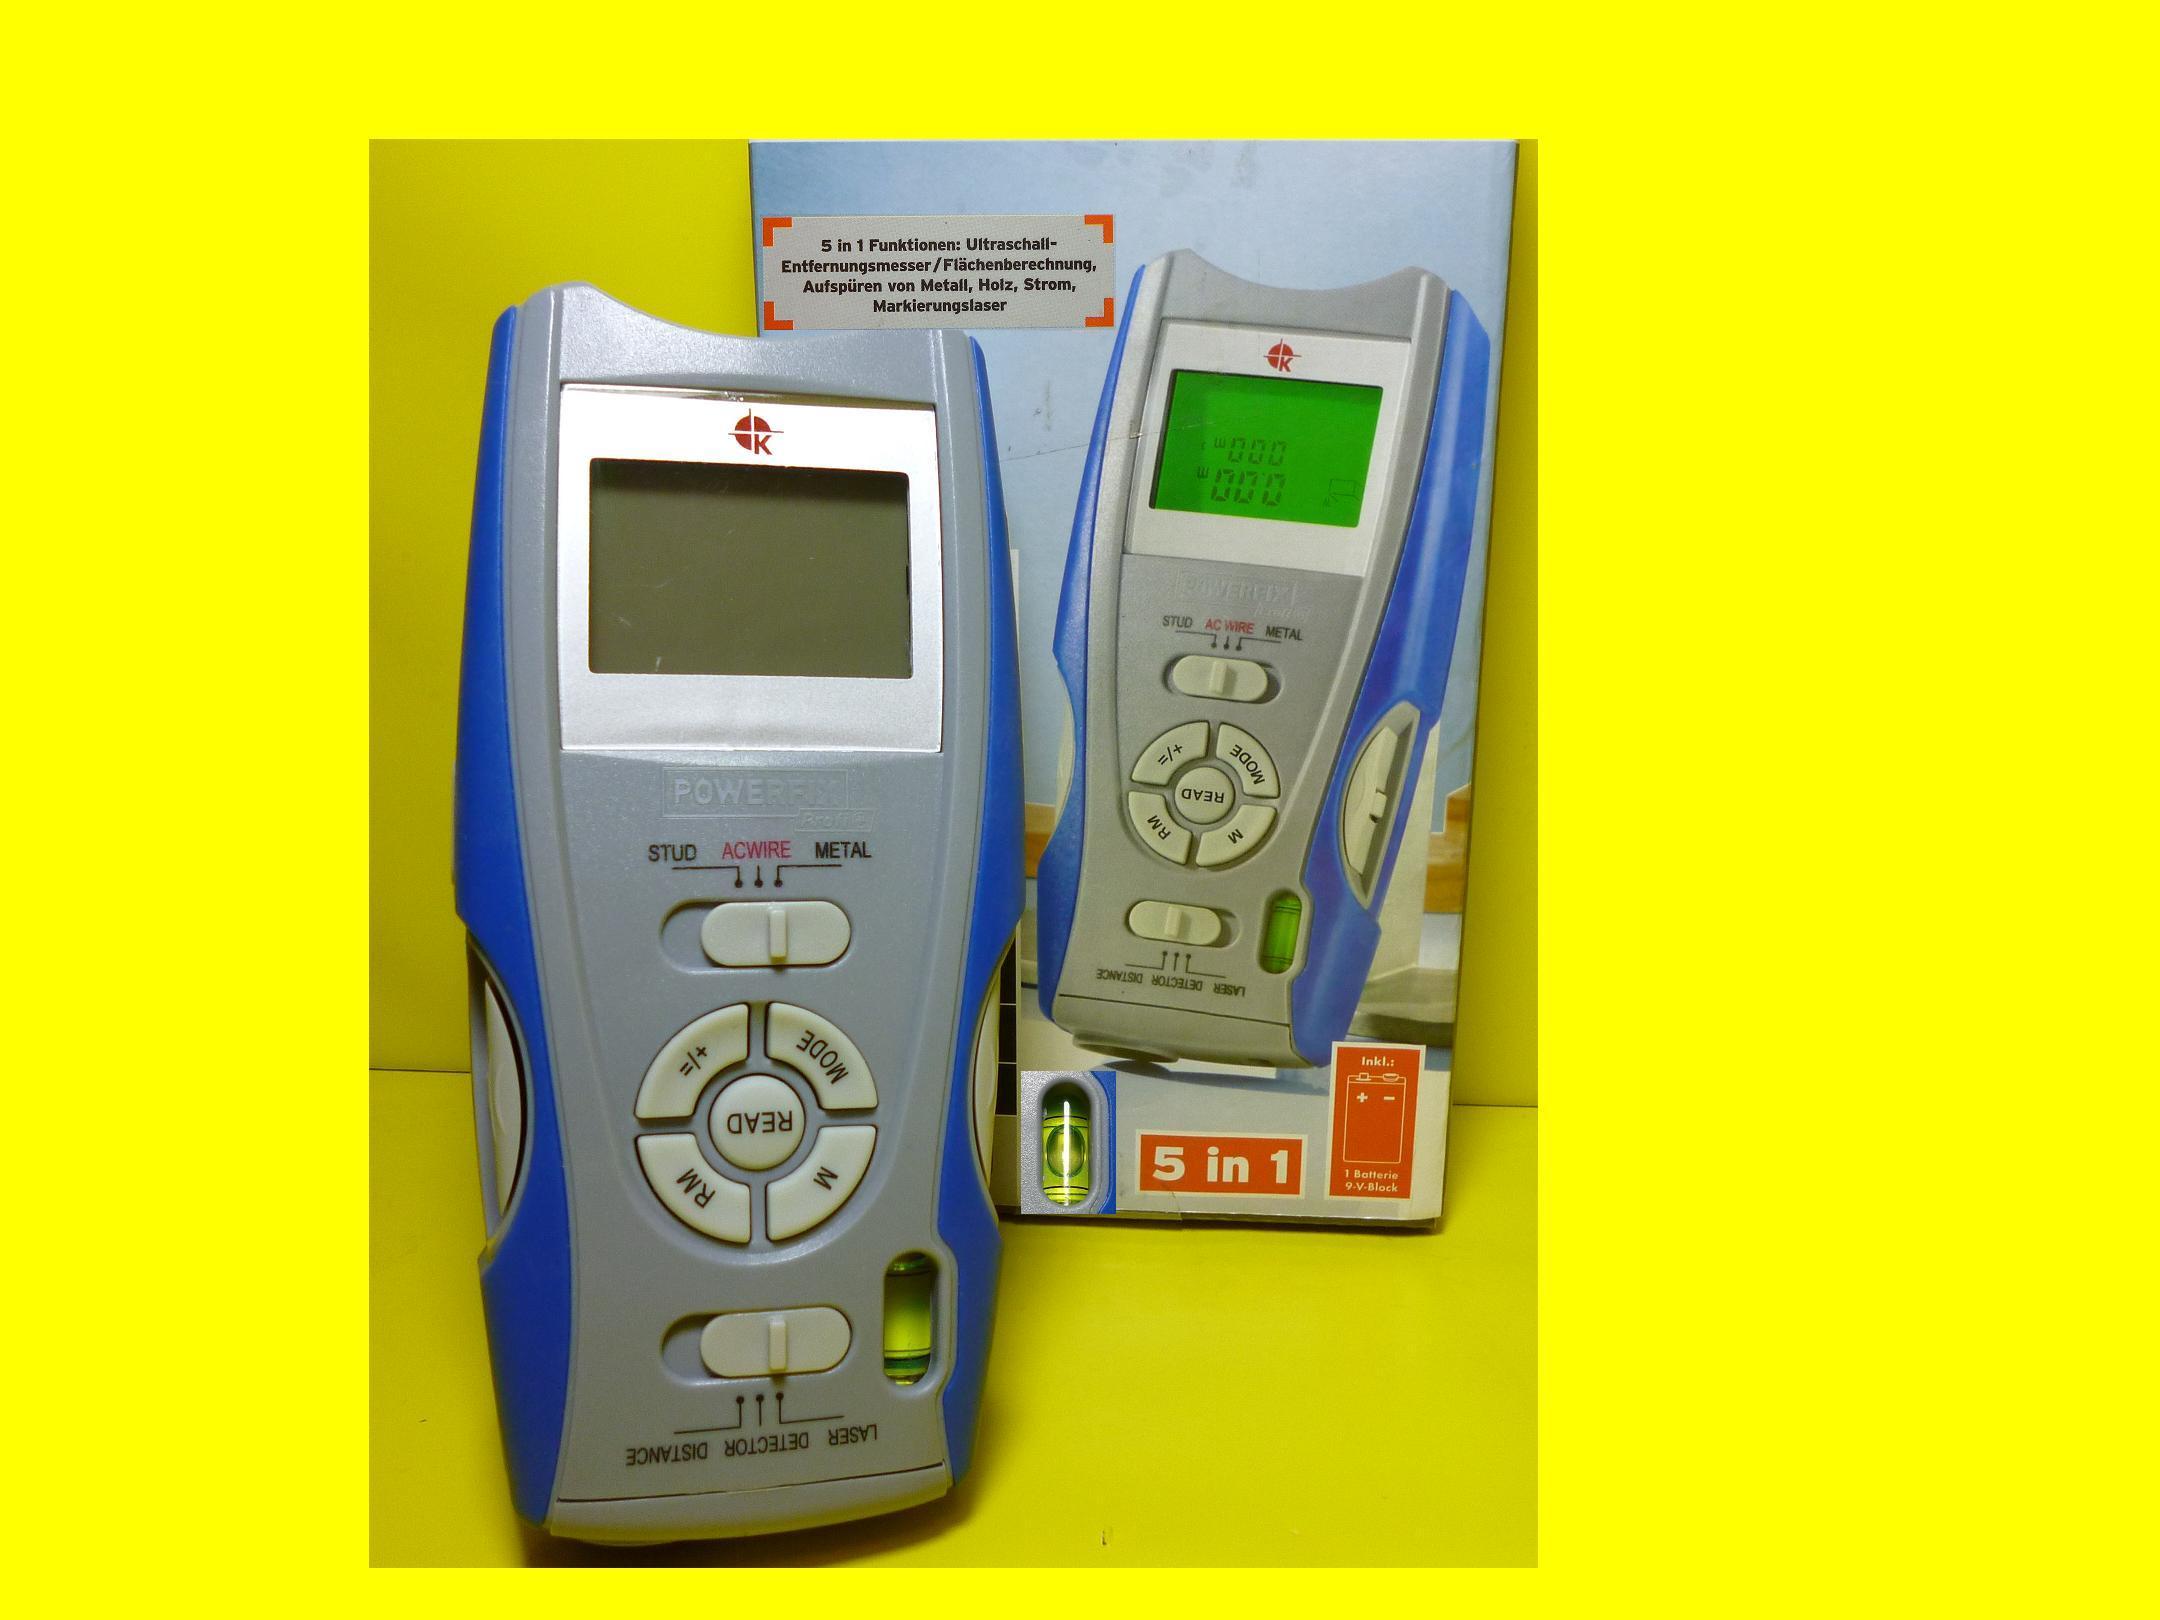 Entfernungsmesser Funktionsweise : Messgerät multidetektor 5 in 1 funktionen entfernungsmesser